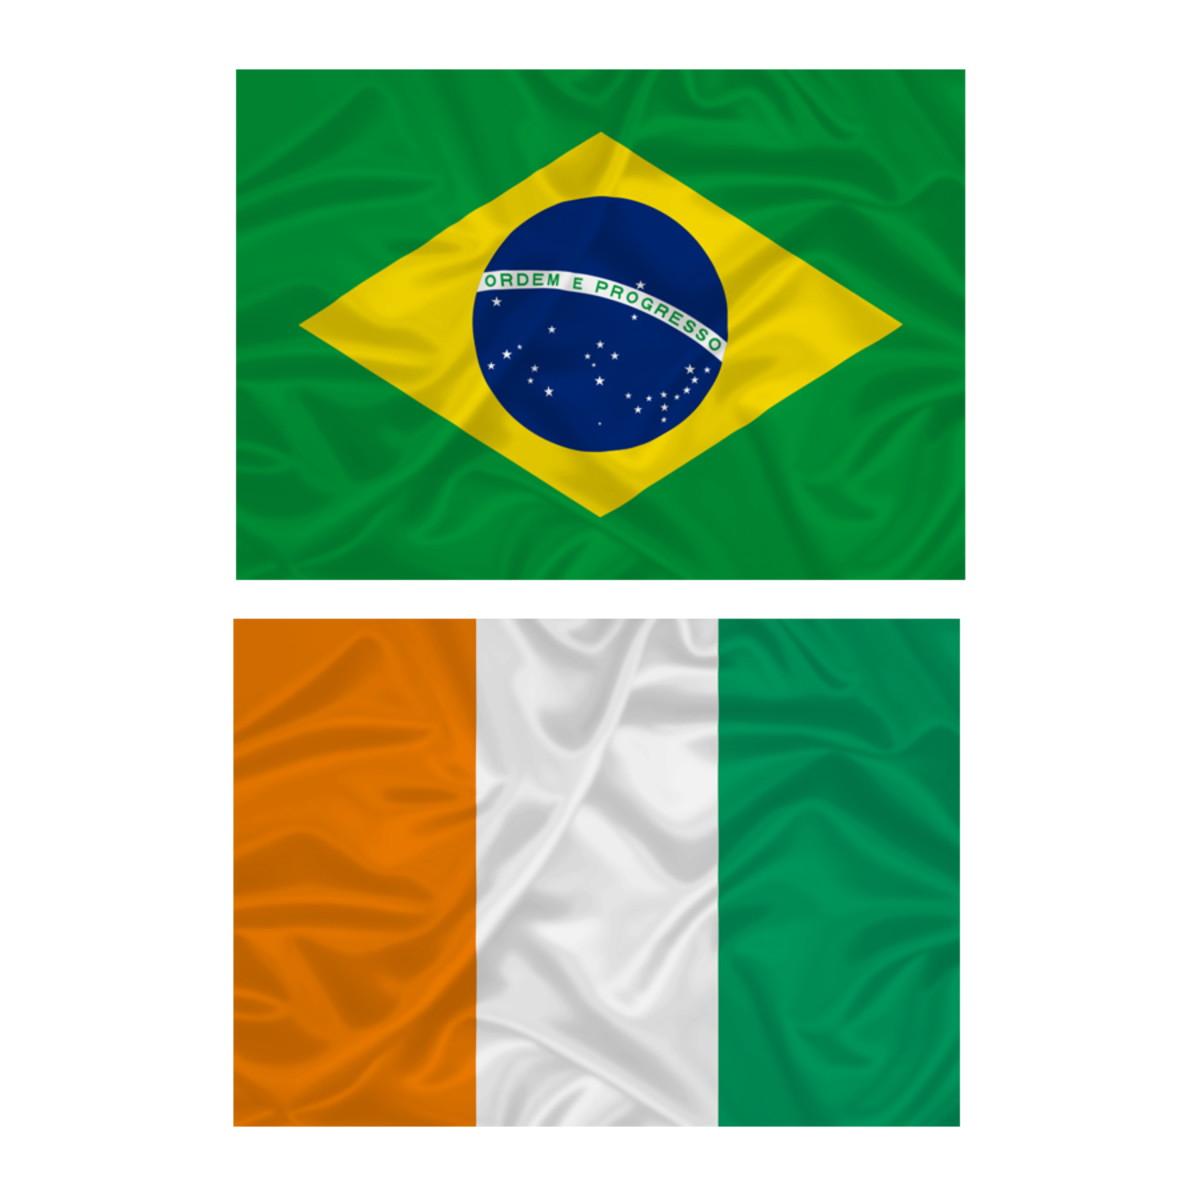 Irlanda oferece bolsa de estudos enquanto Brasil se ilumina para o St. Patrick's Day